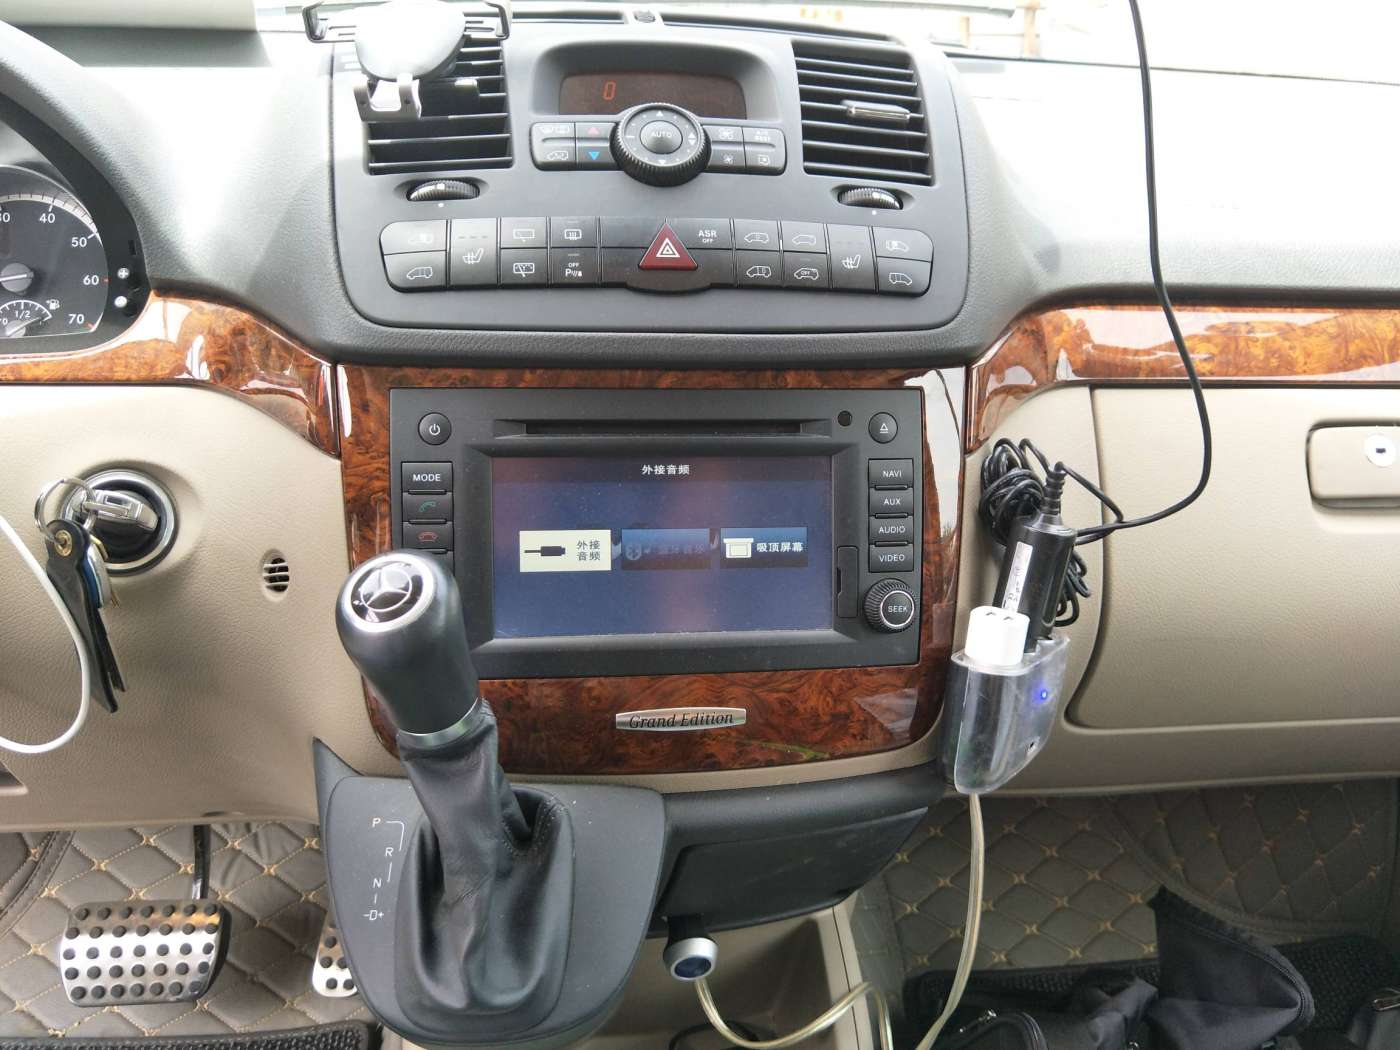 2016年08月 奔驰 唯雅诺 2014款 3.5L 卓越版|甄选奔驰-北京卡斯基汽车服务有限公司